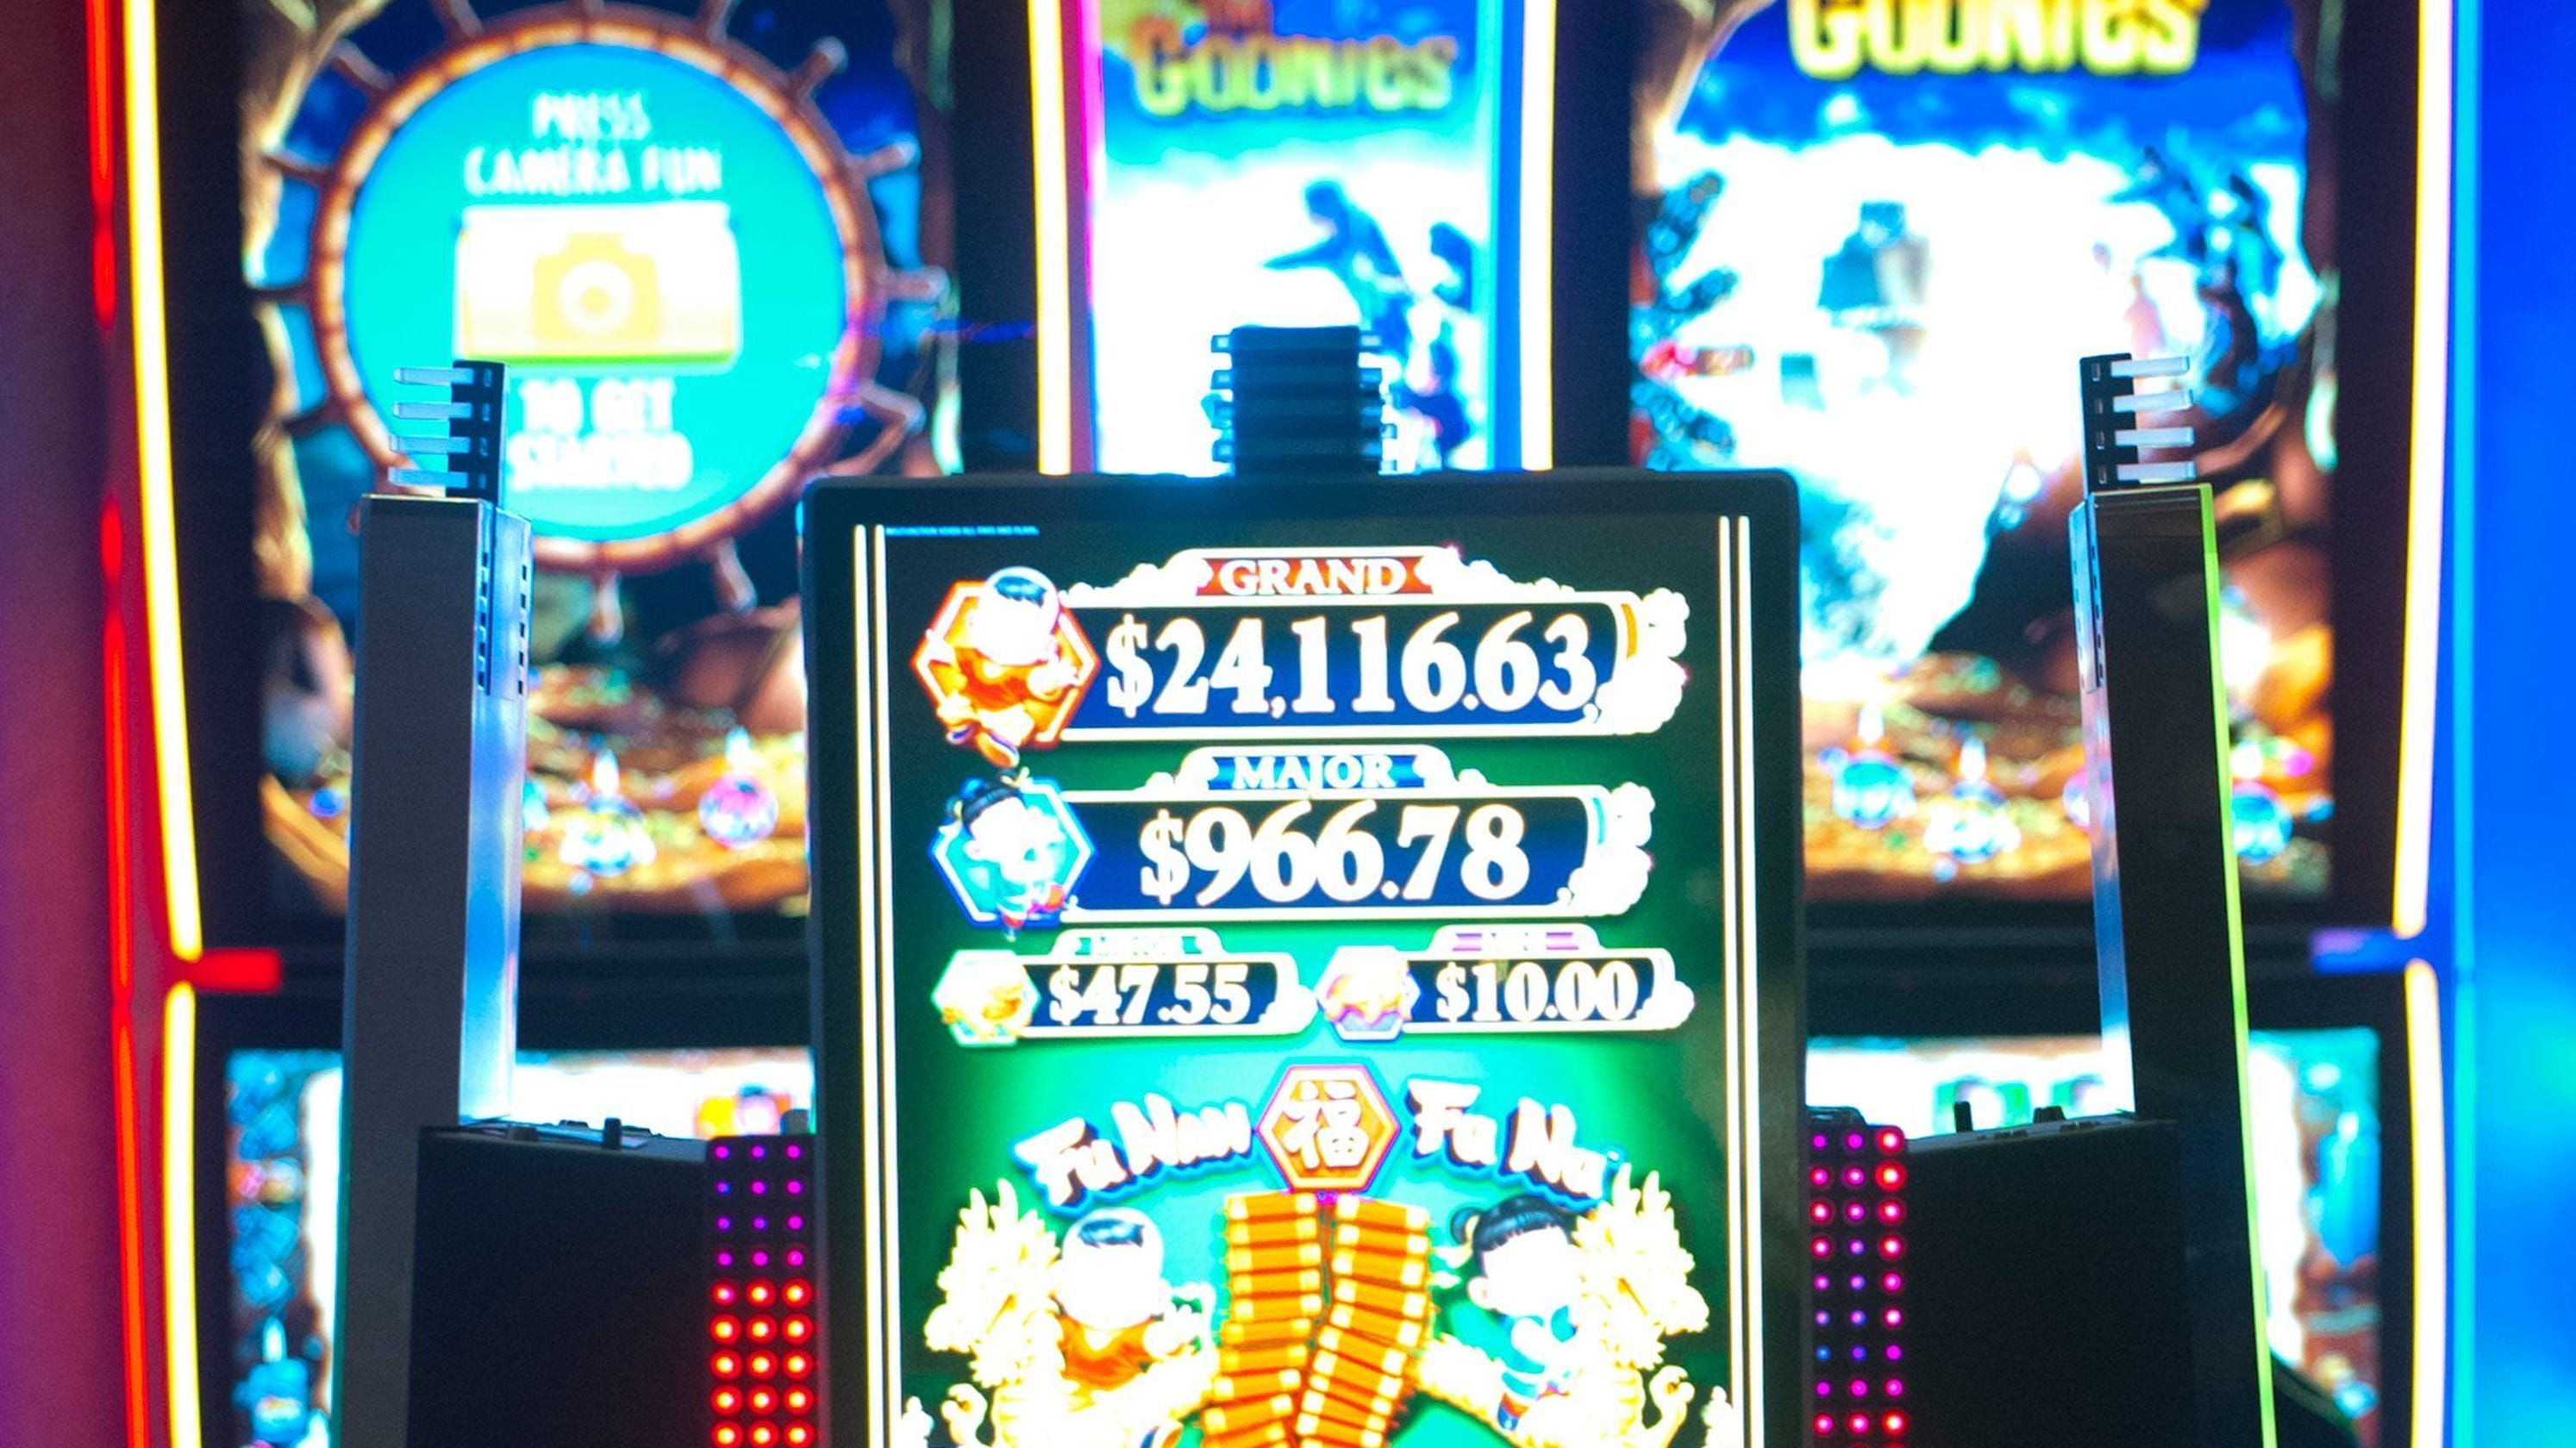 Caesars Eldorado Merger To Impact 5 Indiana Casinos